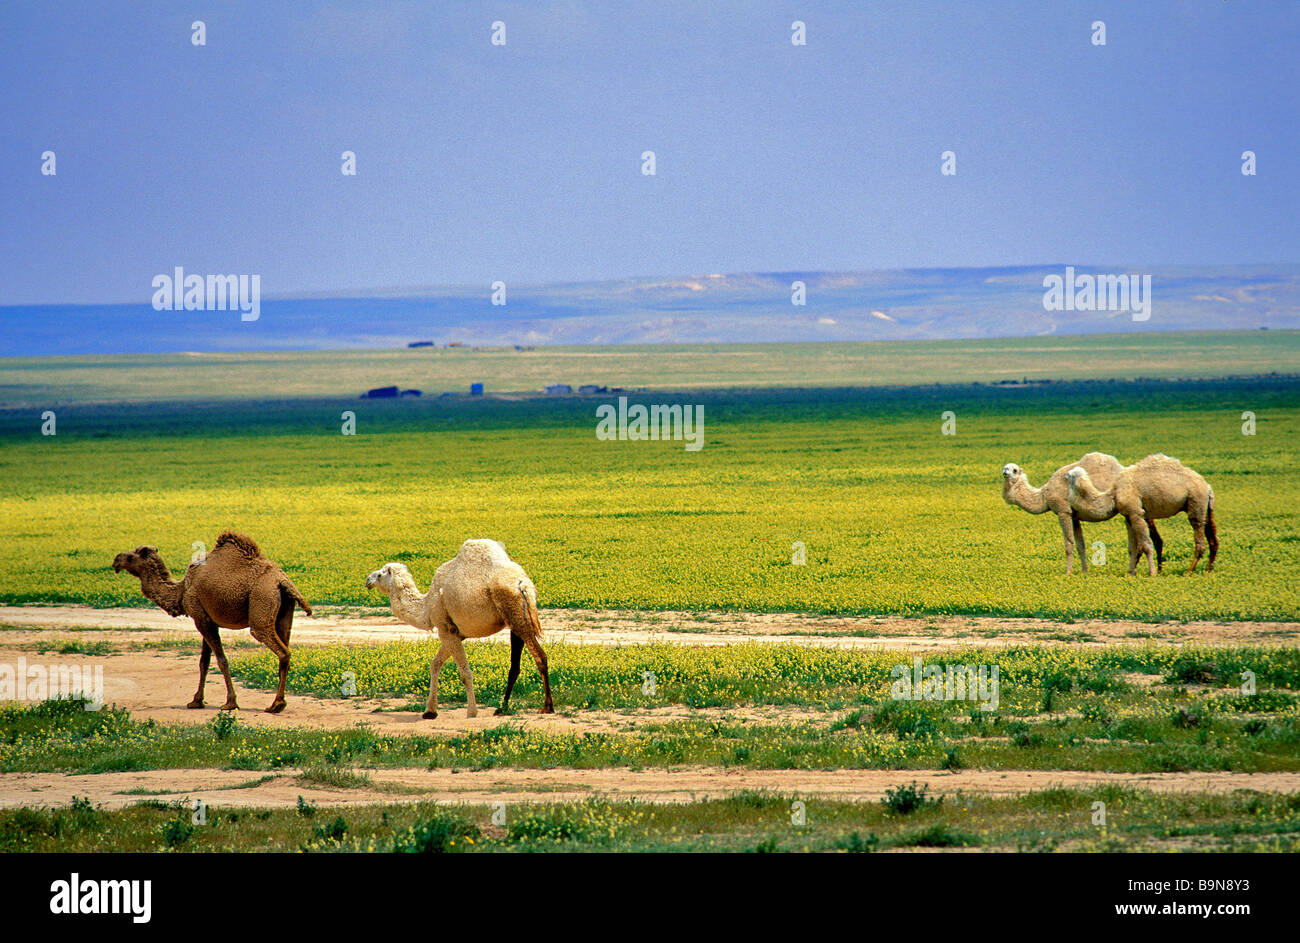 Syria, Homs Governorate, Palmyra, dromadaries - Stock Image